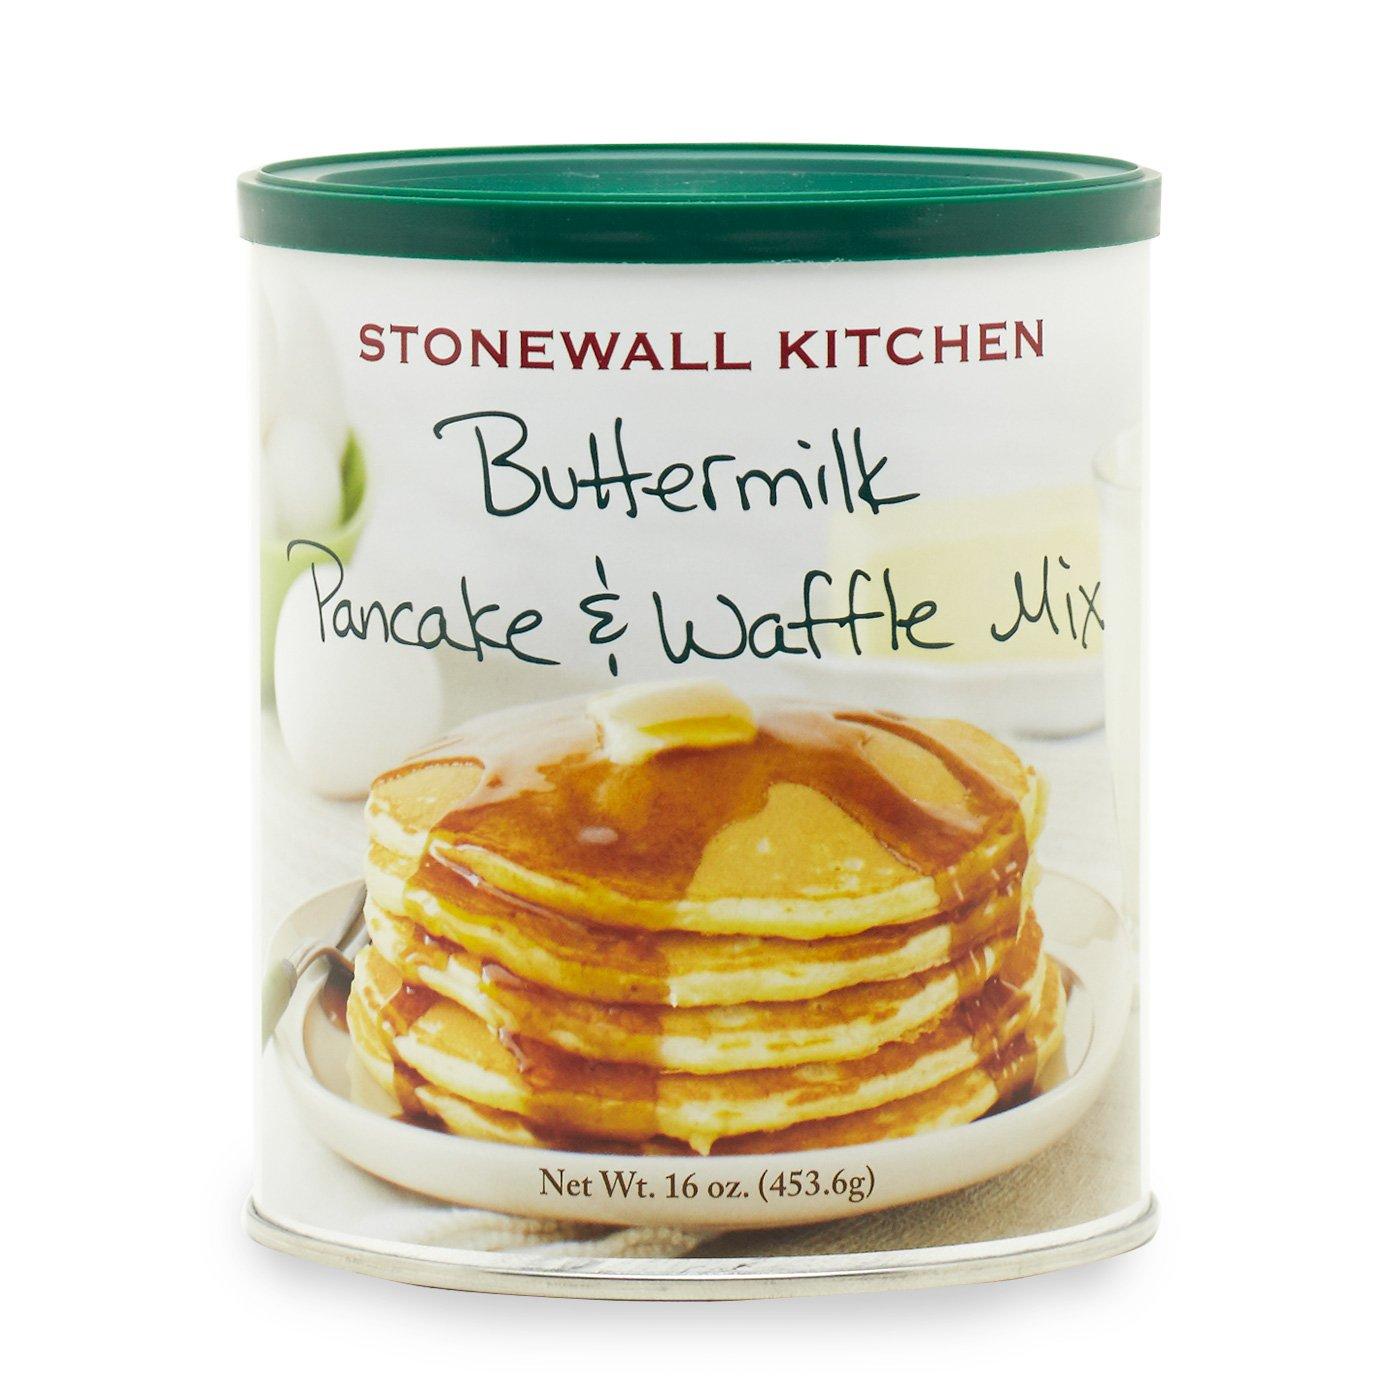 Stonewall Kitchen Buttermilk Pancake and Waffle Mix, 16 Ounces